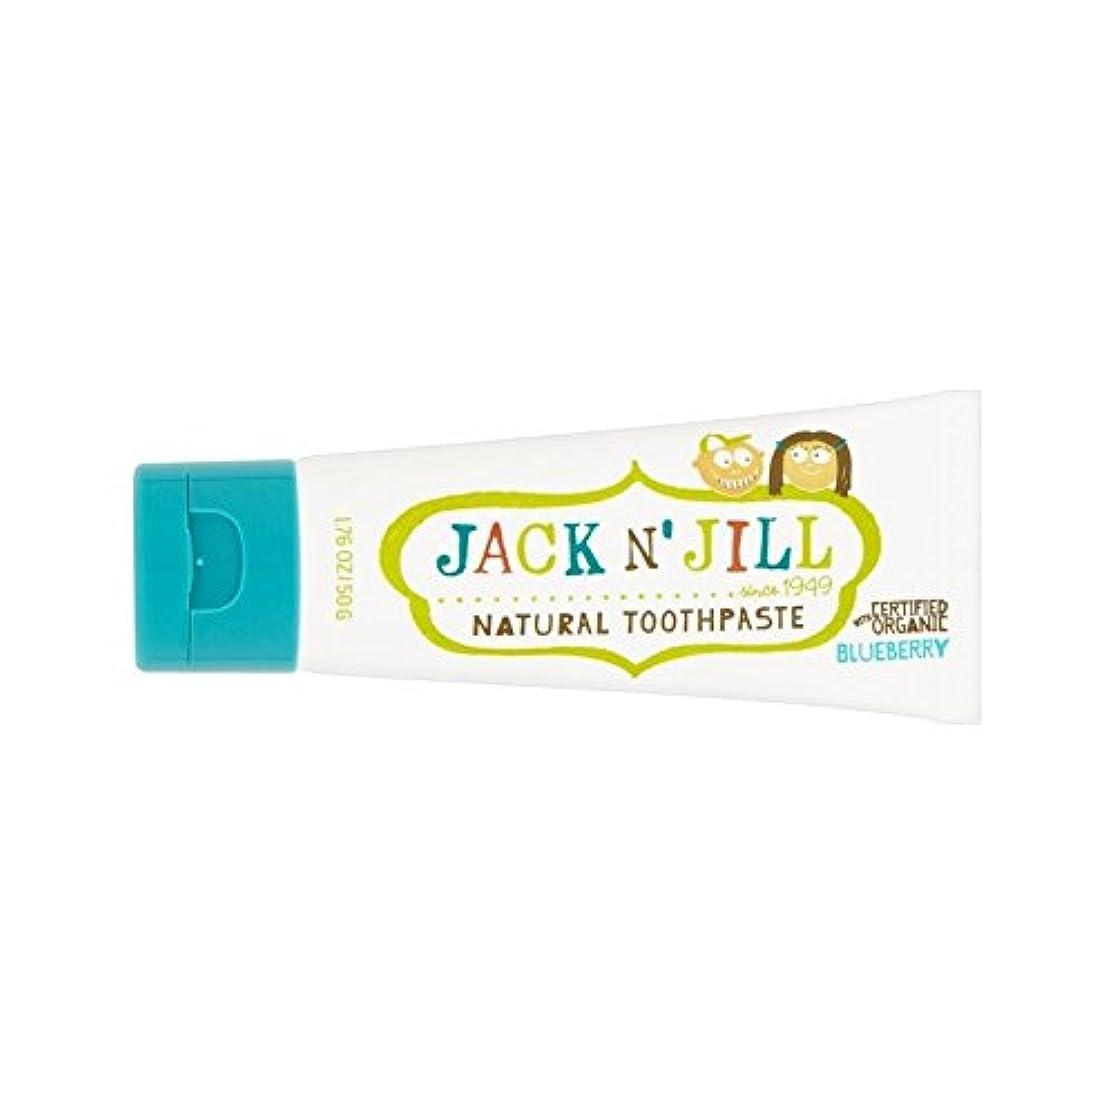 性差別ラウンジ眠っている有機香味50グラムとの自然なブルーベリー歯磨き粉 (Jack N Jill) (x 2) - Jack N' Jill Blueberry Toothpaste Natural with Organic Flavouring 50g (Pack of 2) [並行輸入品]